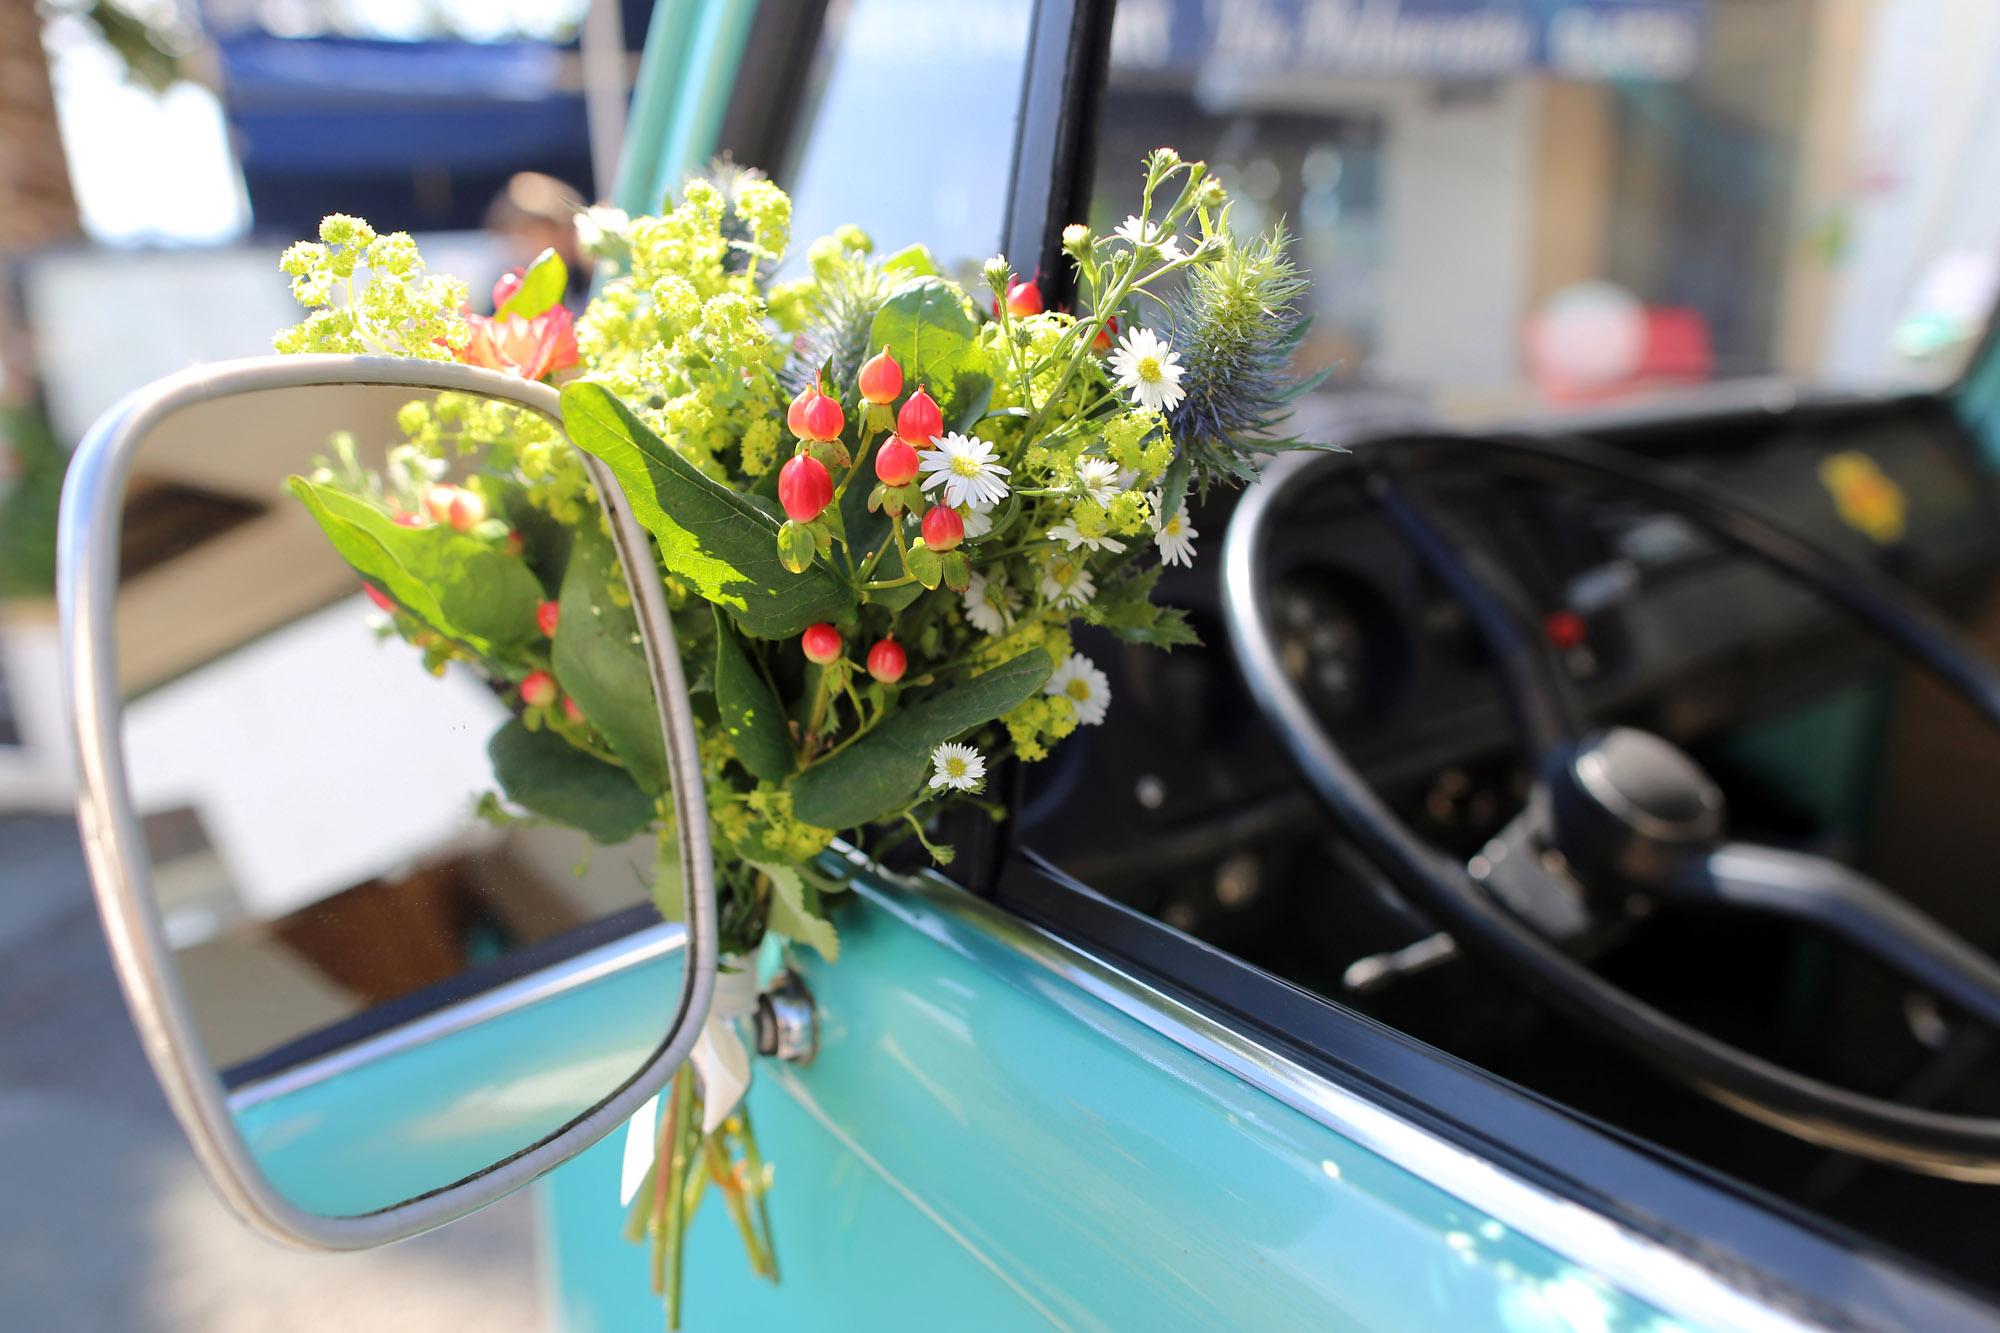 fleuriste-mariage-64-photographe-Sylvain-Mariotto-landes-pays-basque-01